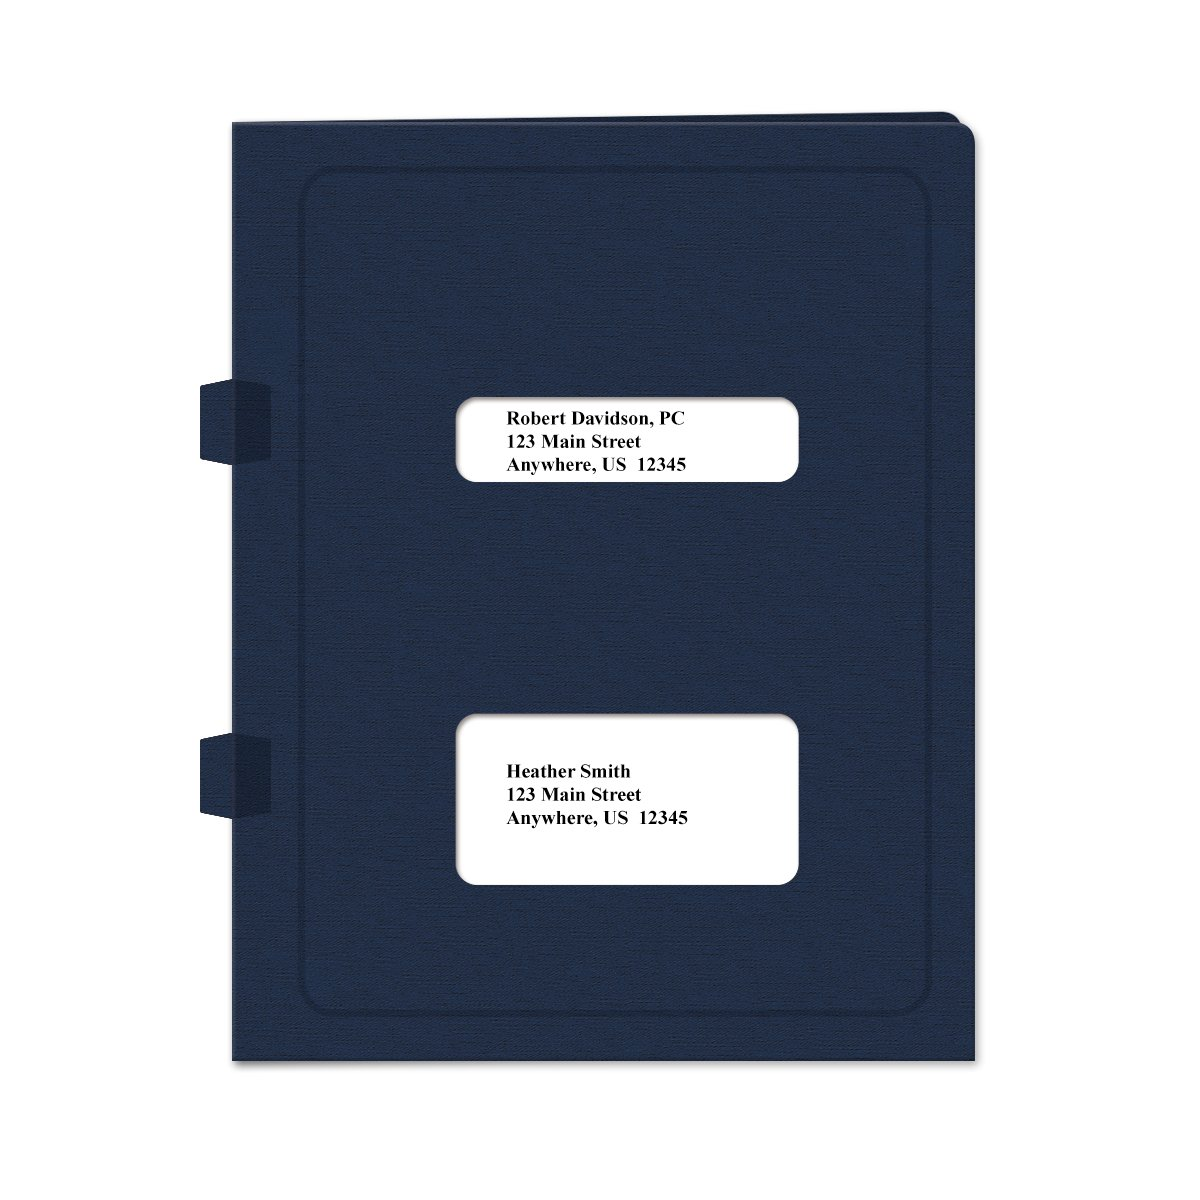 Double Window Tax Return Software Folder - Side-Tabbed - 50 Pack